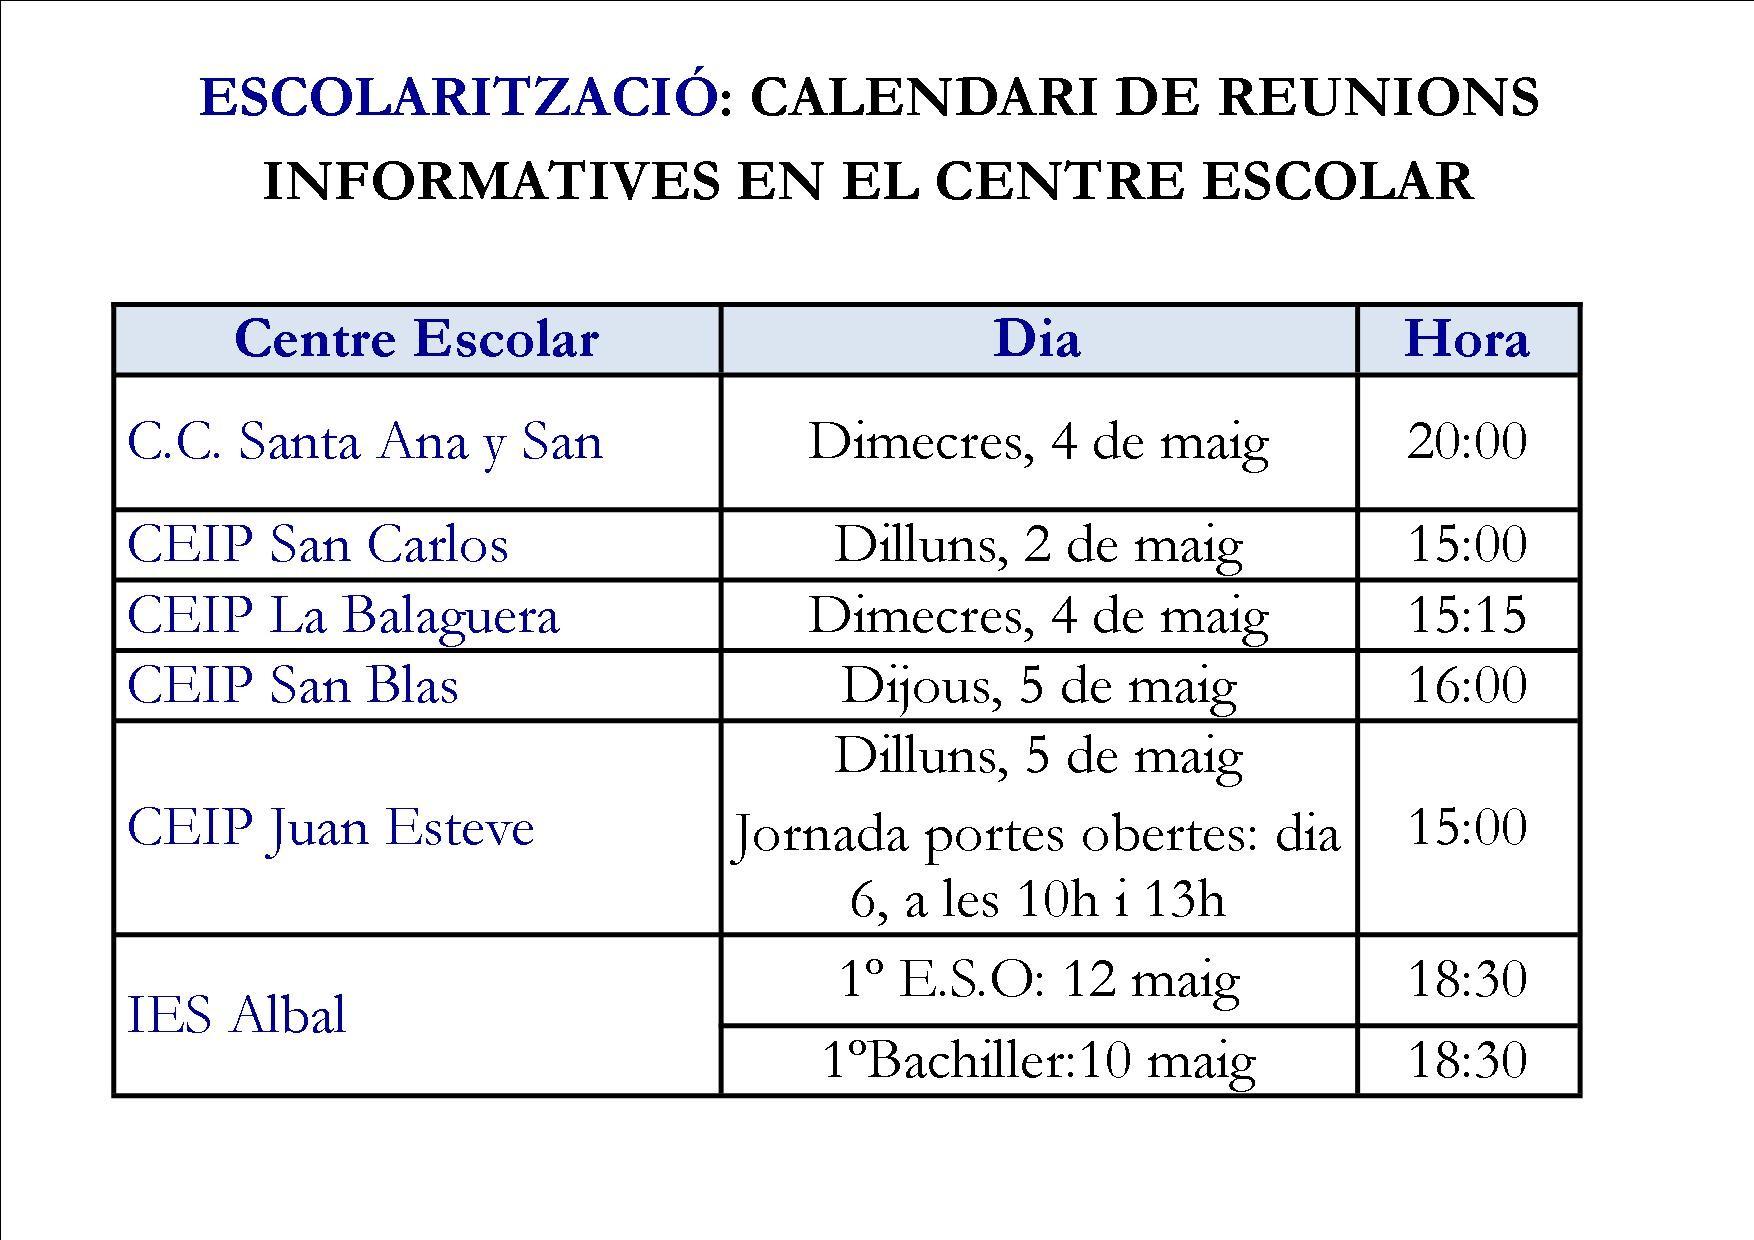 Calendario Curso Escolar 2017-18 Imprimir Más Arriba-a-fecha Mestre A Casa Ceip La Balaguera Albal Inici Of Calendario Curso Escolar 2017-18 Imprimir Más Populares Carta Erasmus